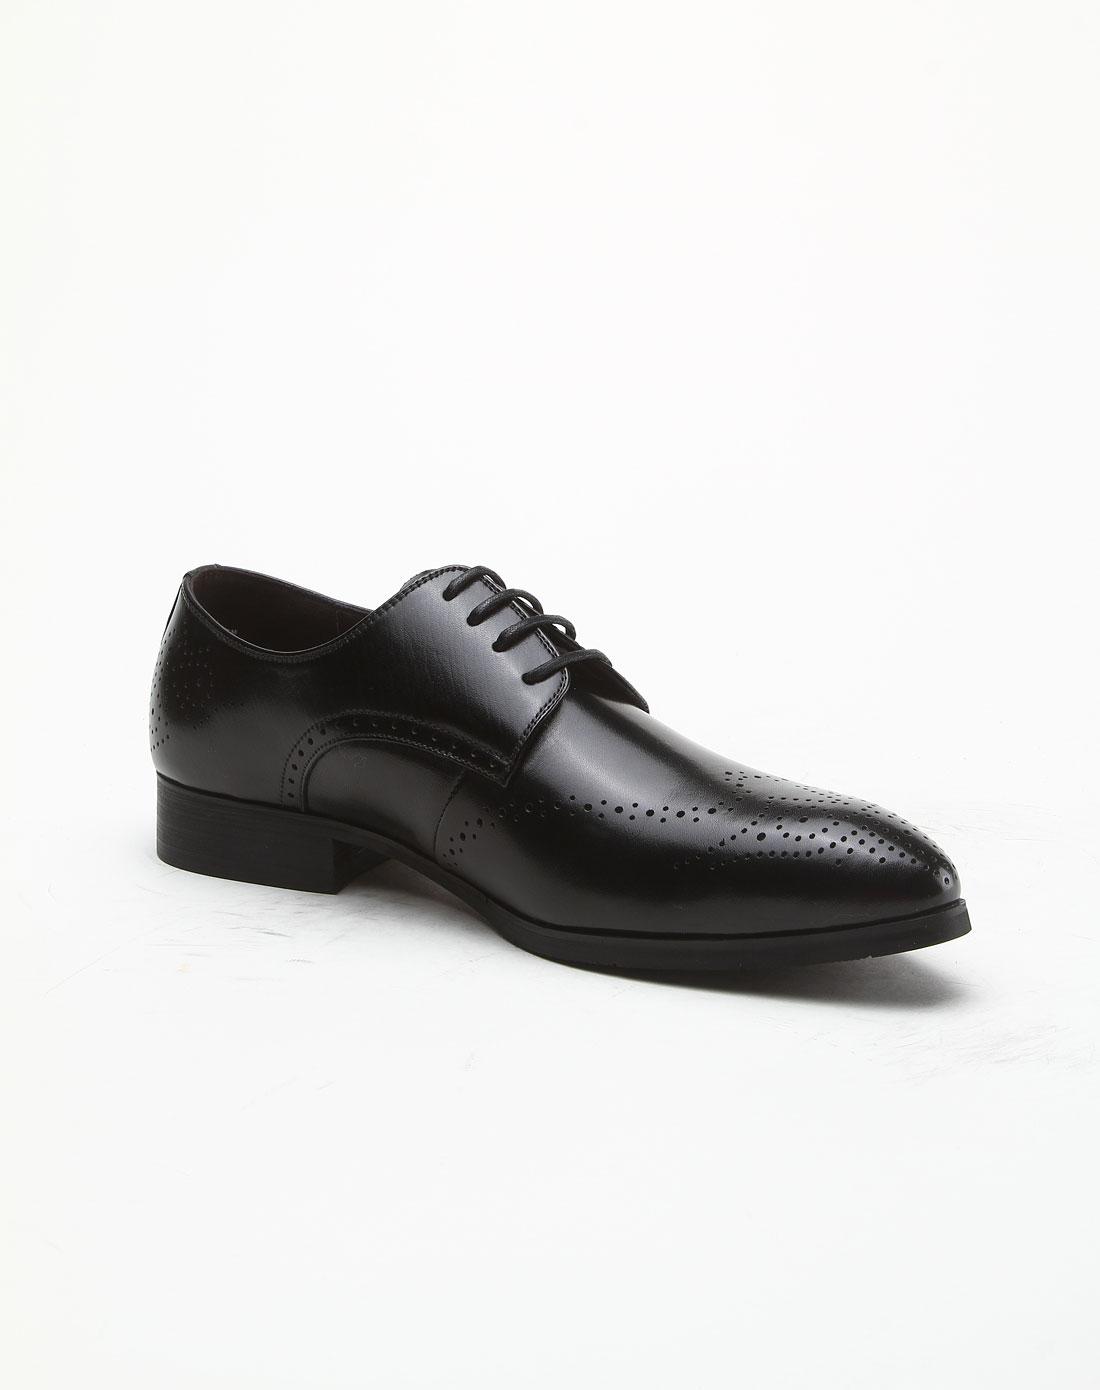 黑色布洛克雕花皮鞋